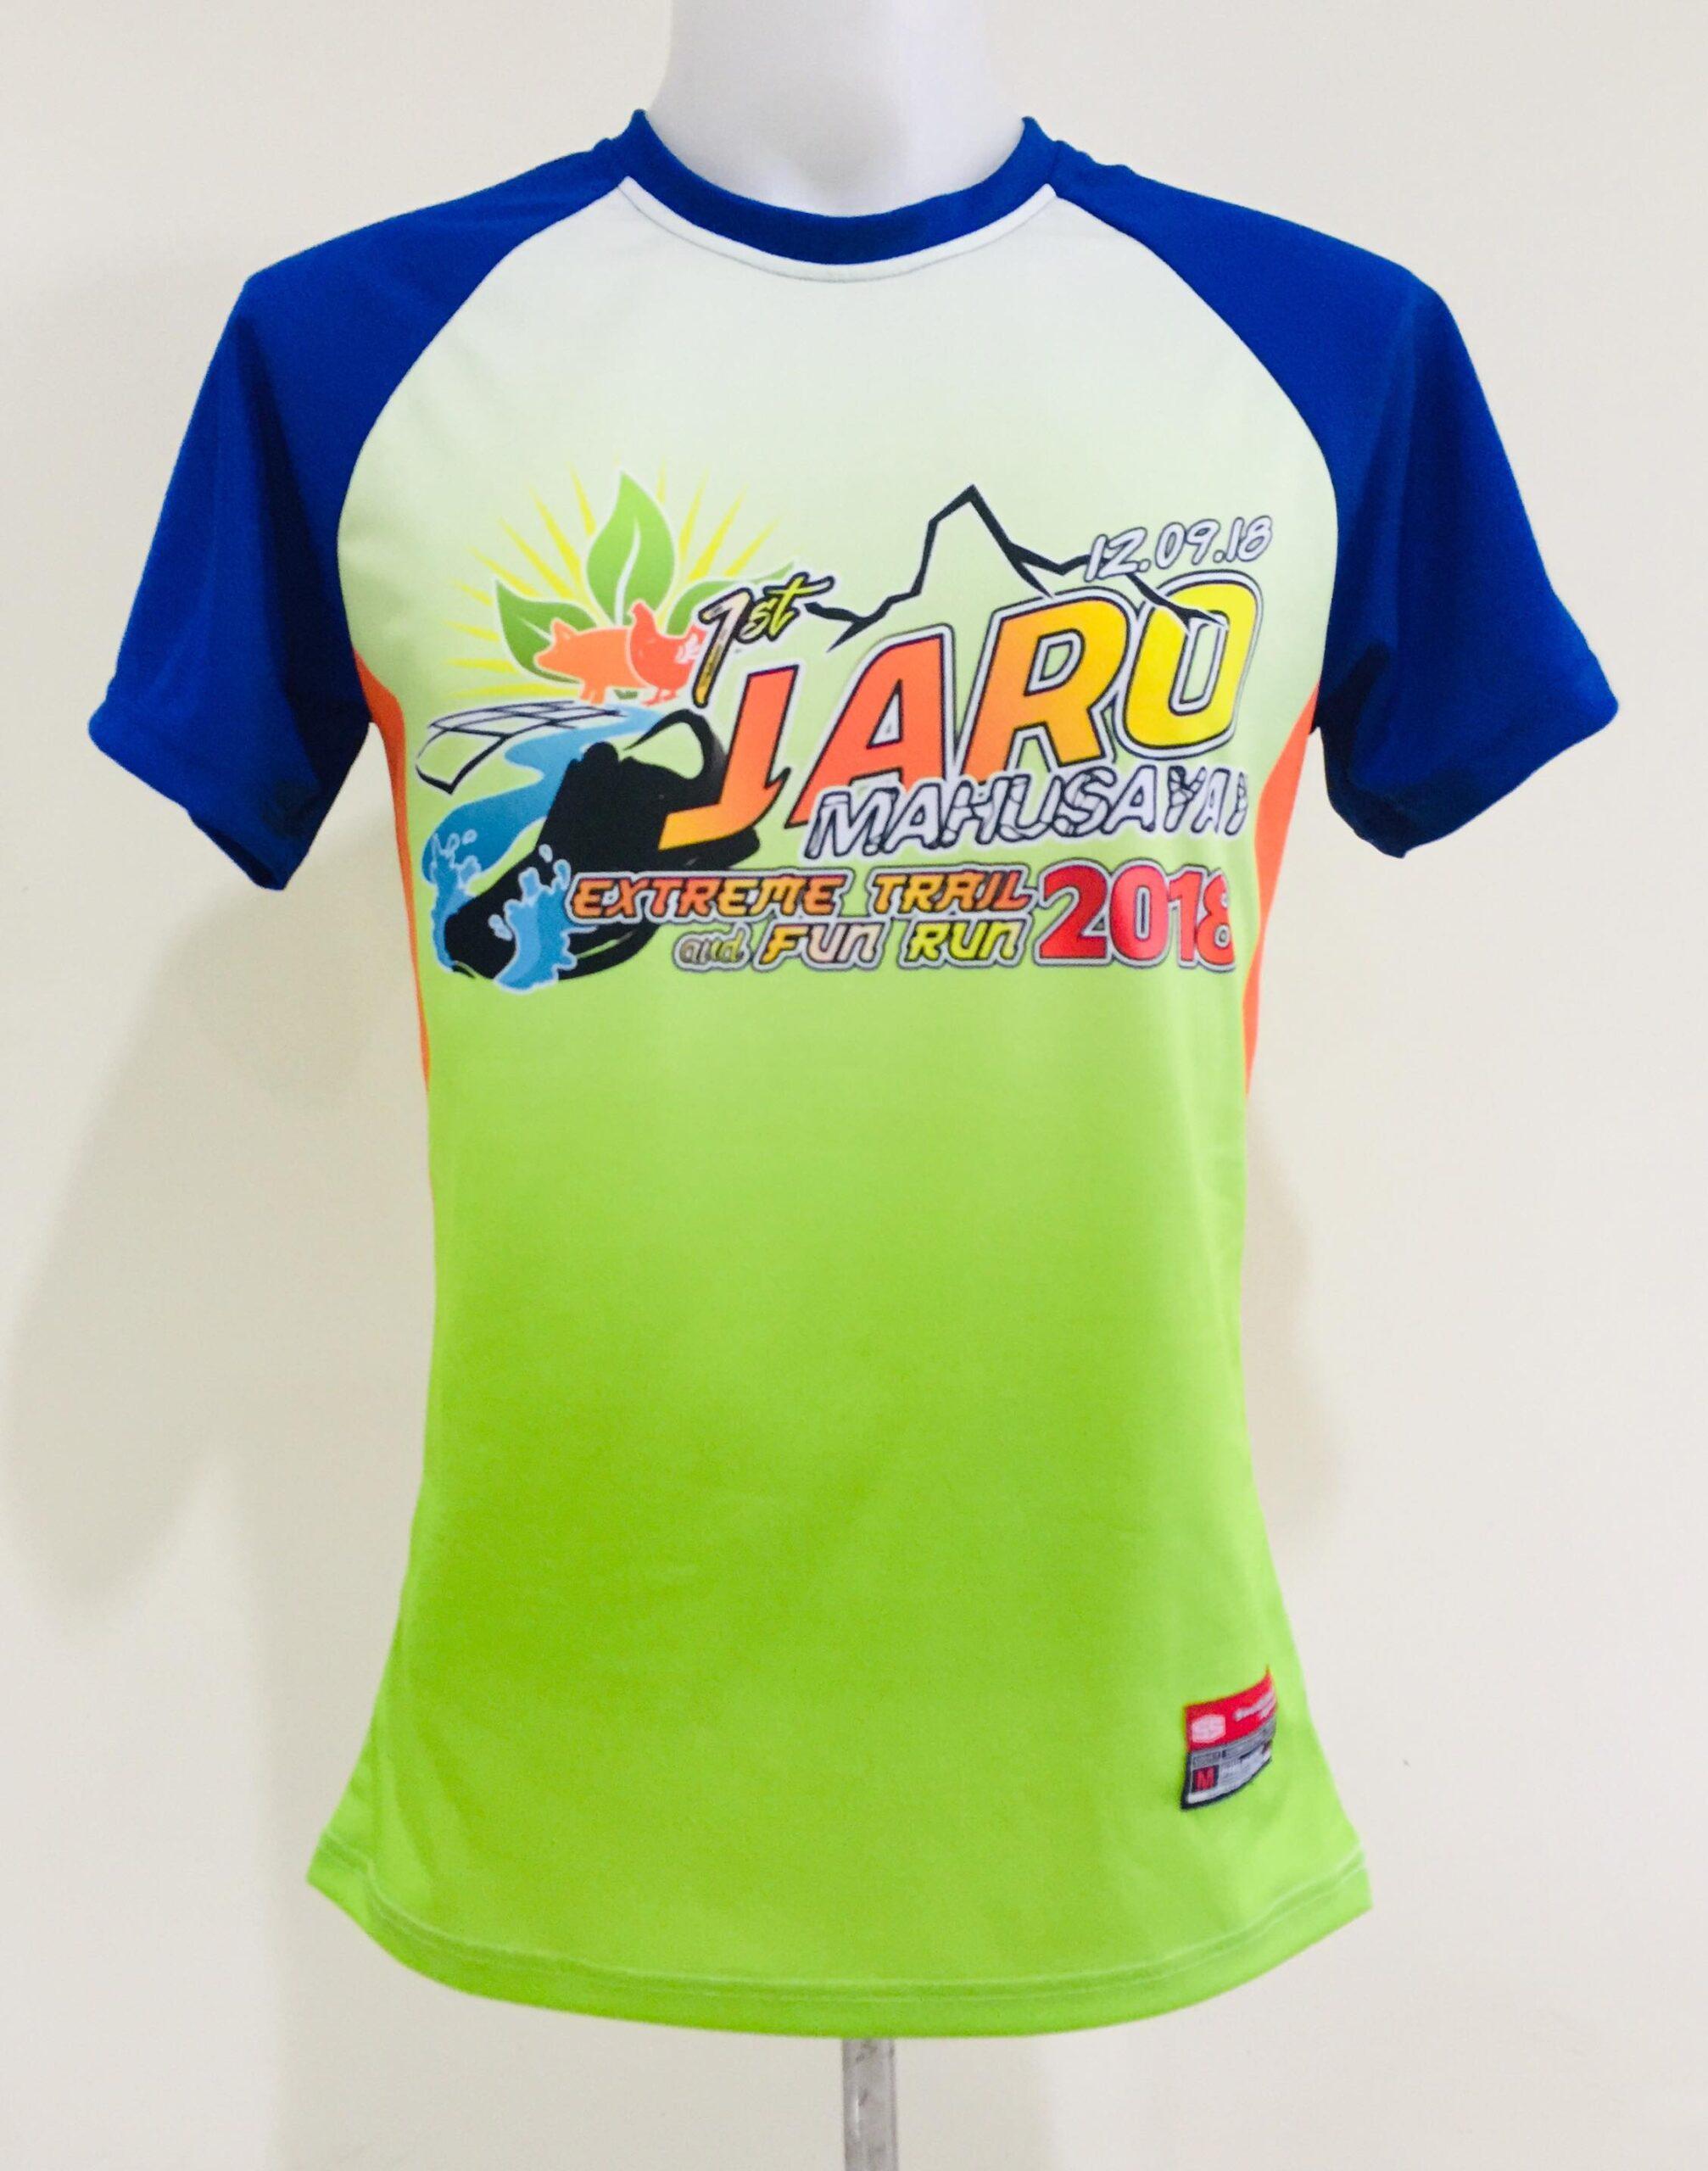 Jaro Full Sublimation Fun Run Uniform